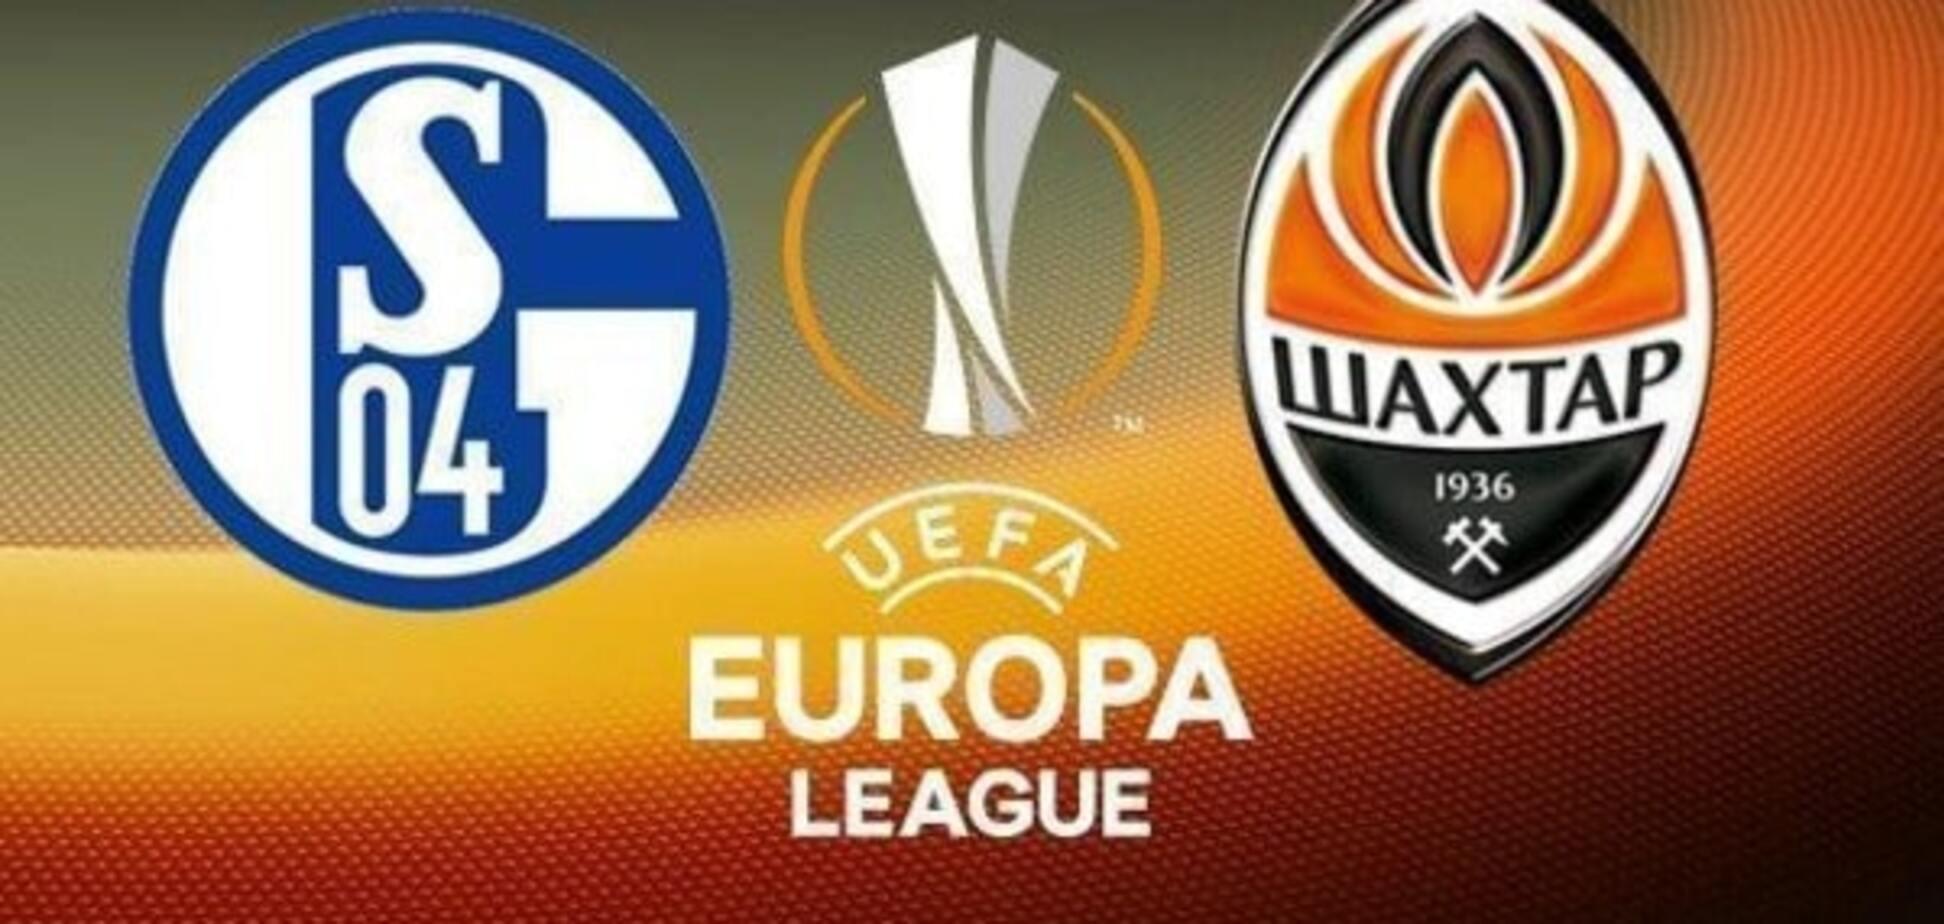 Шальке - Шахтар: анонс, прогноз, де дивитися матч-відповідь 1/16 фіналу Ліги Європи